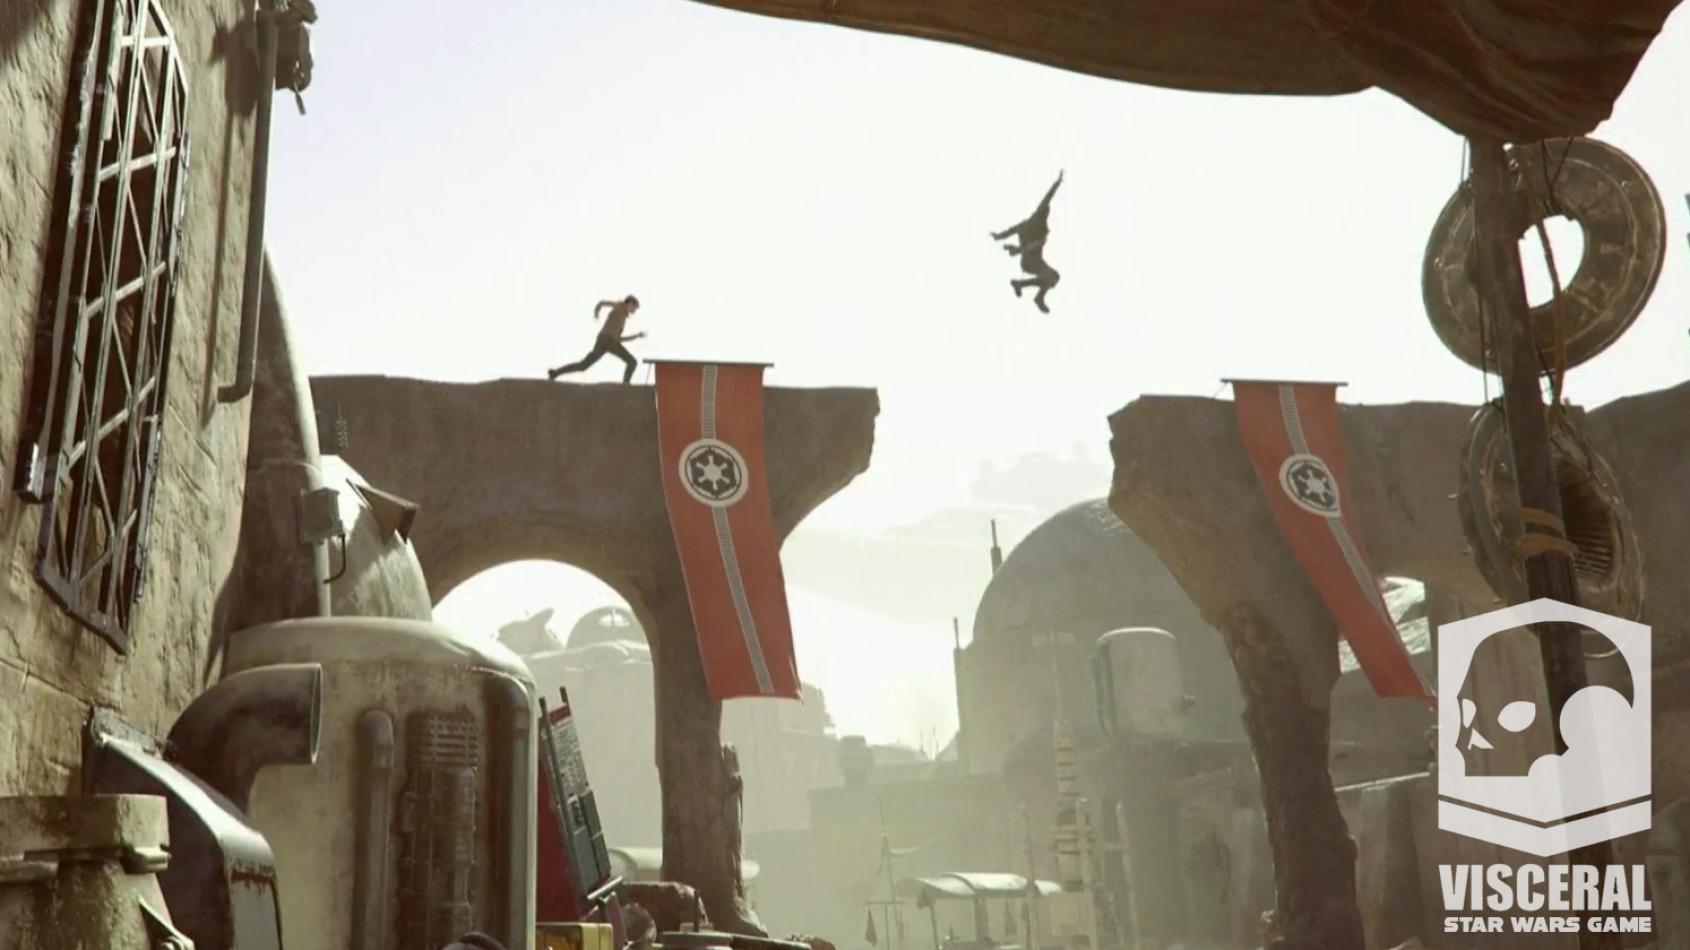 Pas d'annonce en vue pour le jeu vidéo Star Wars de Visceral Games